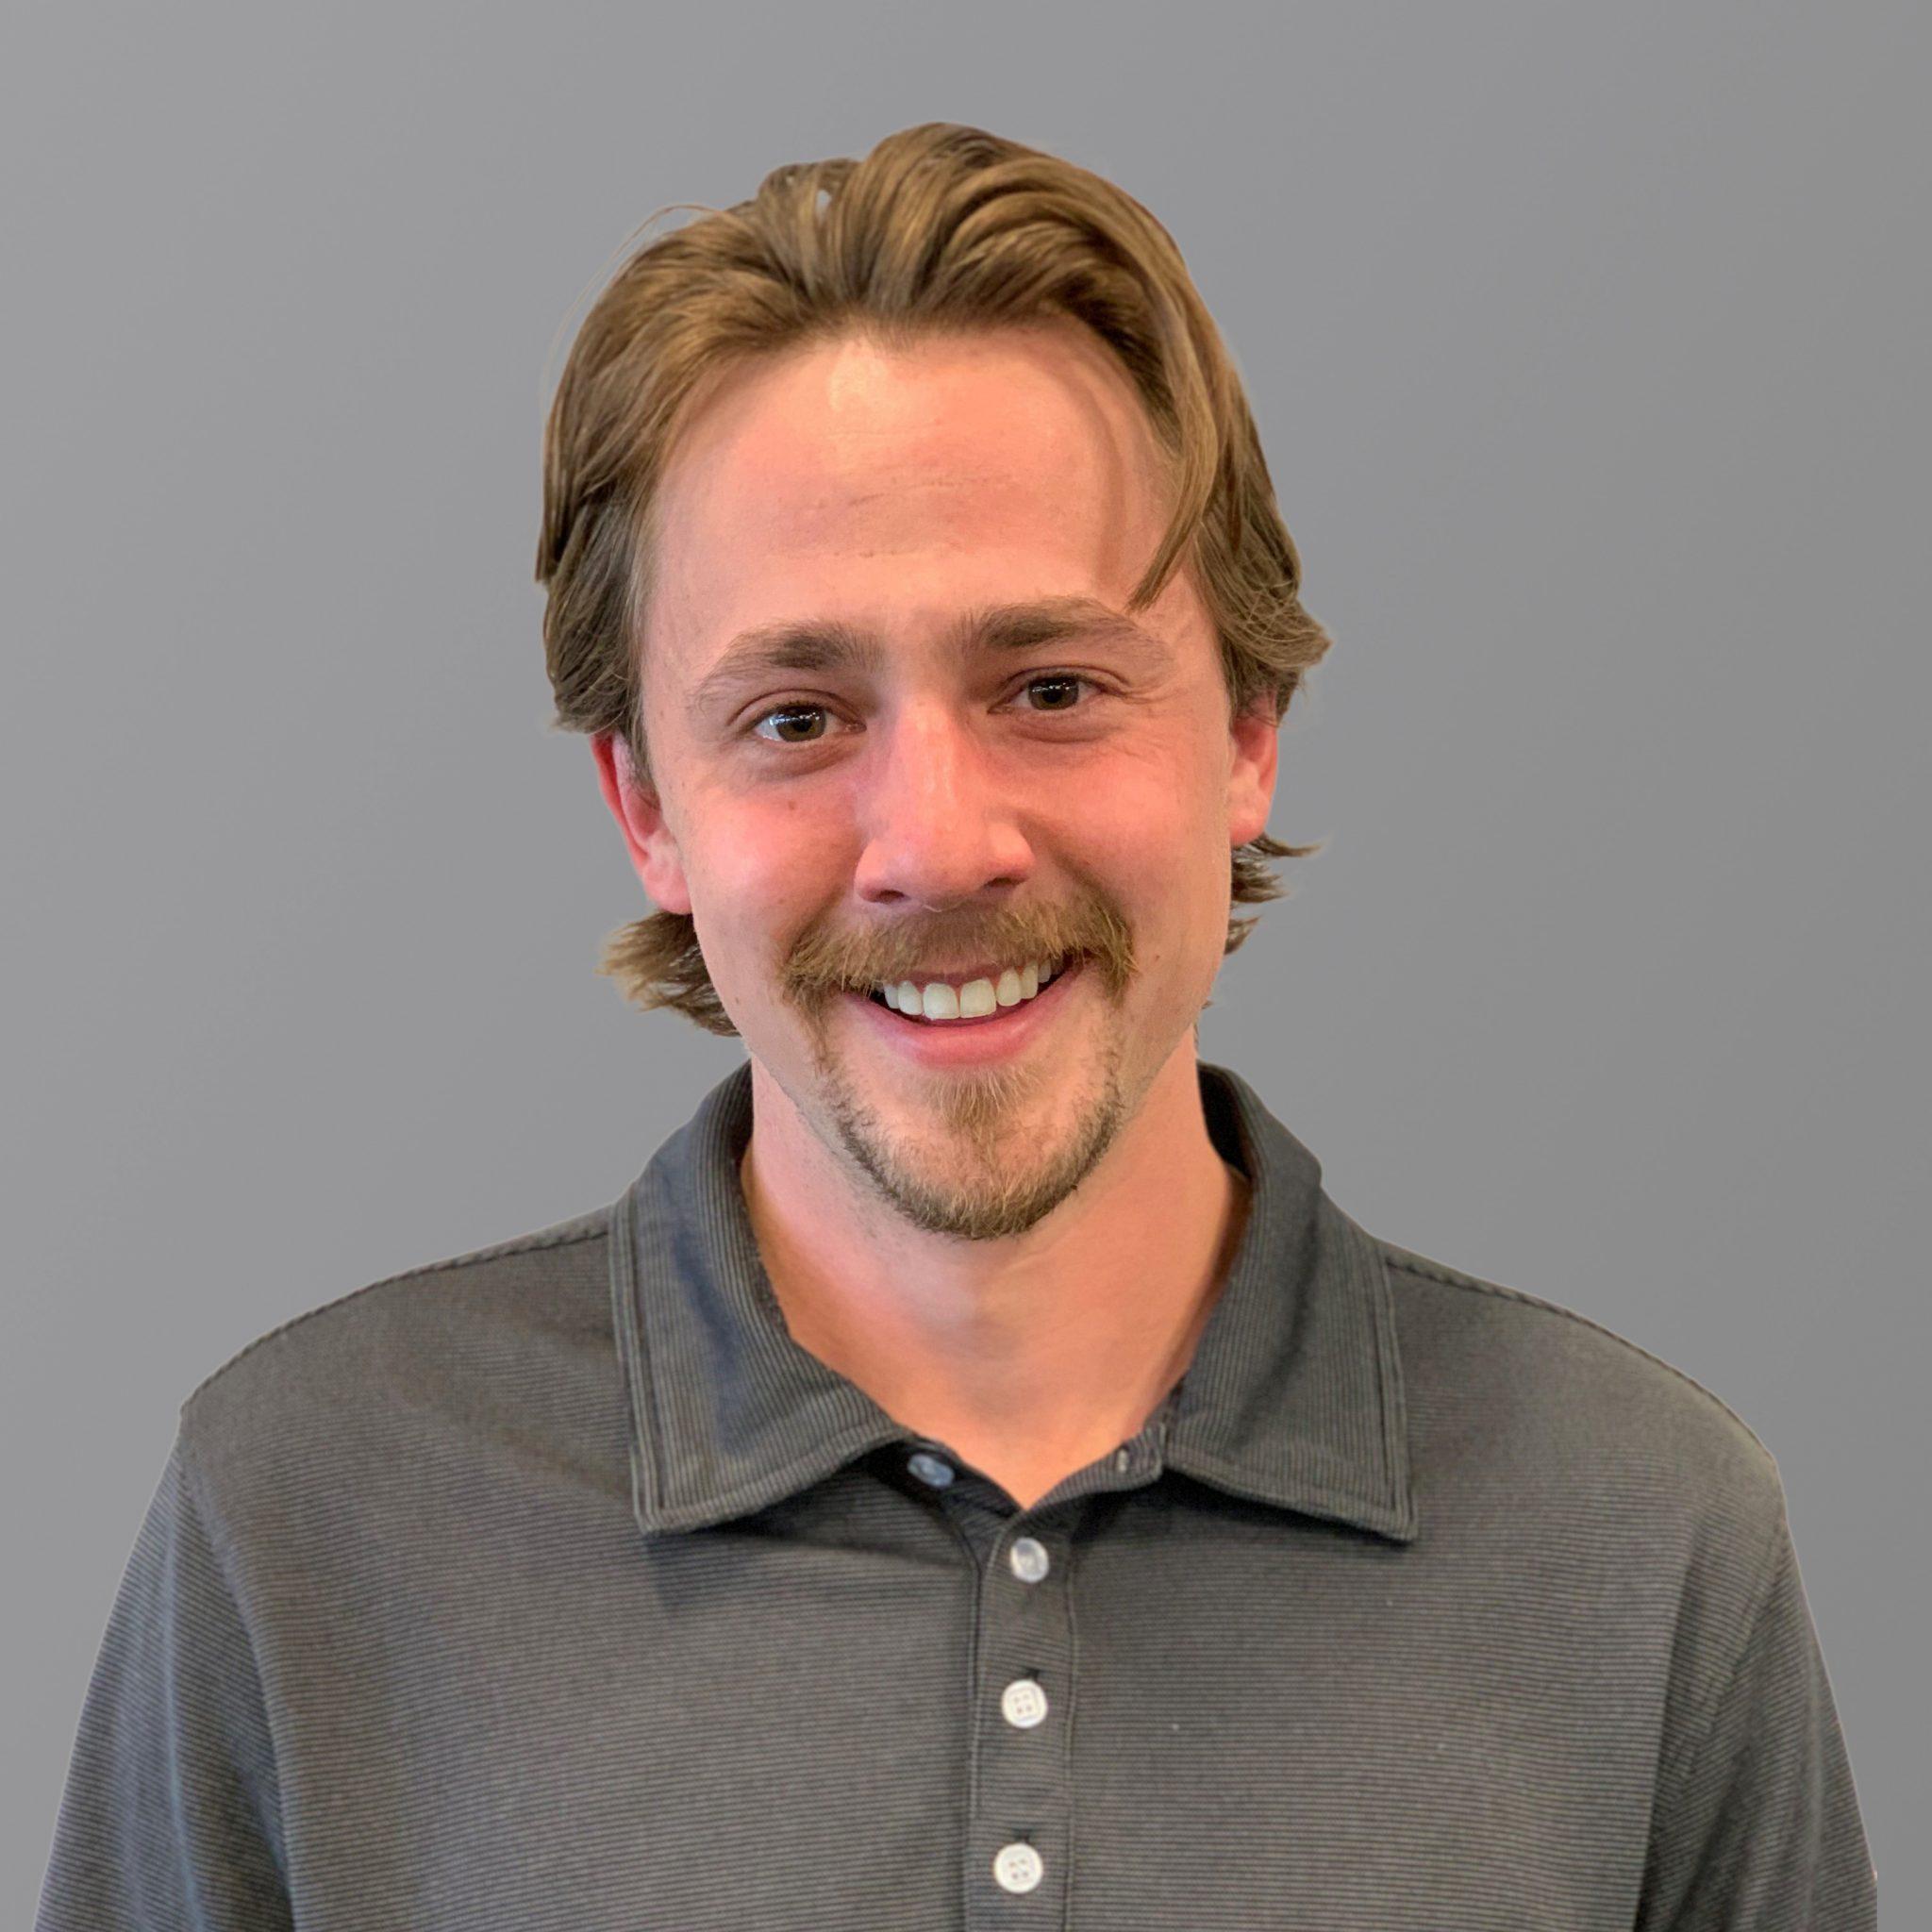 DR. JEFF GRYKULIAK